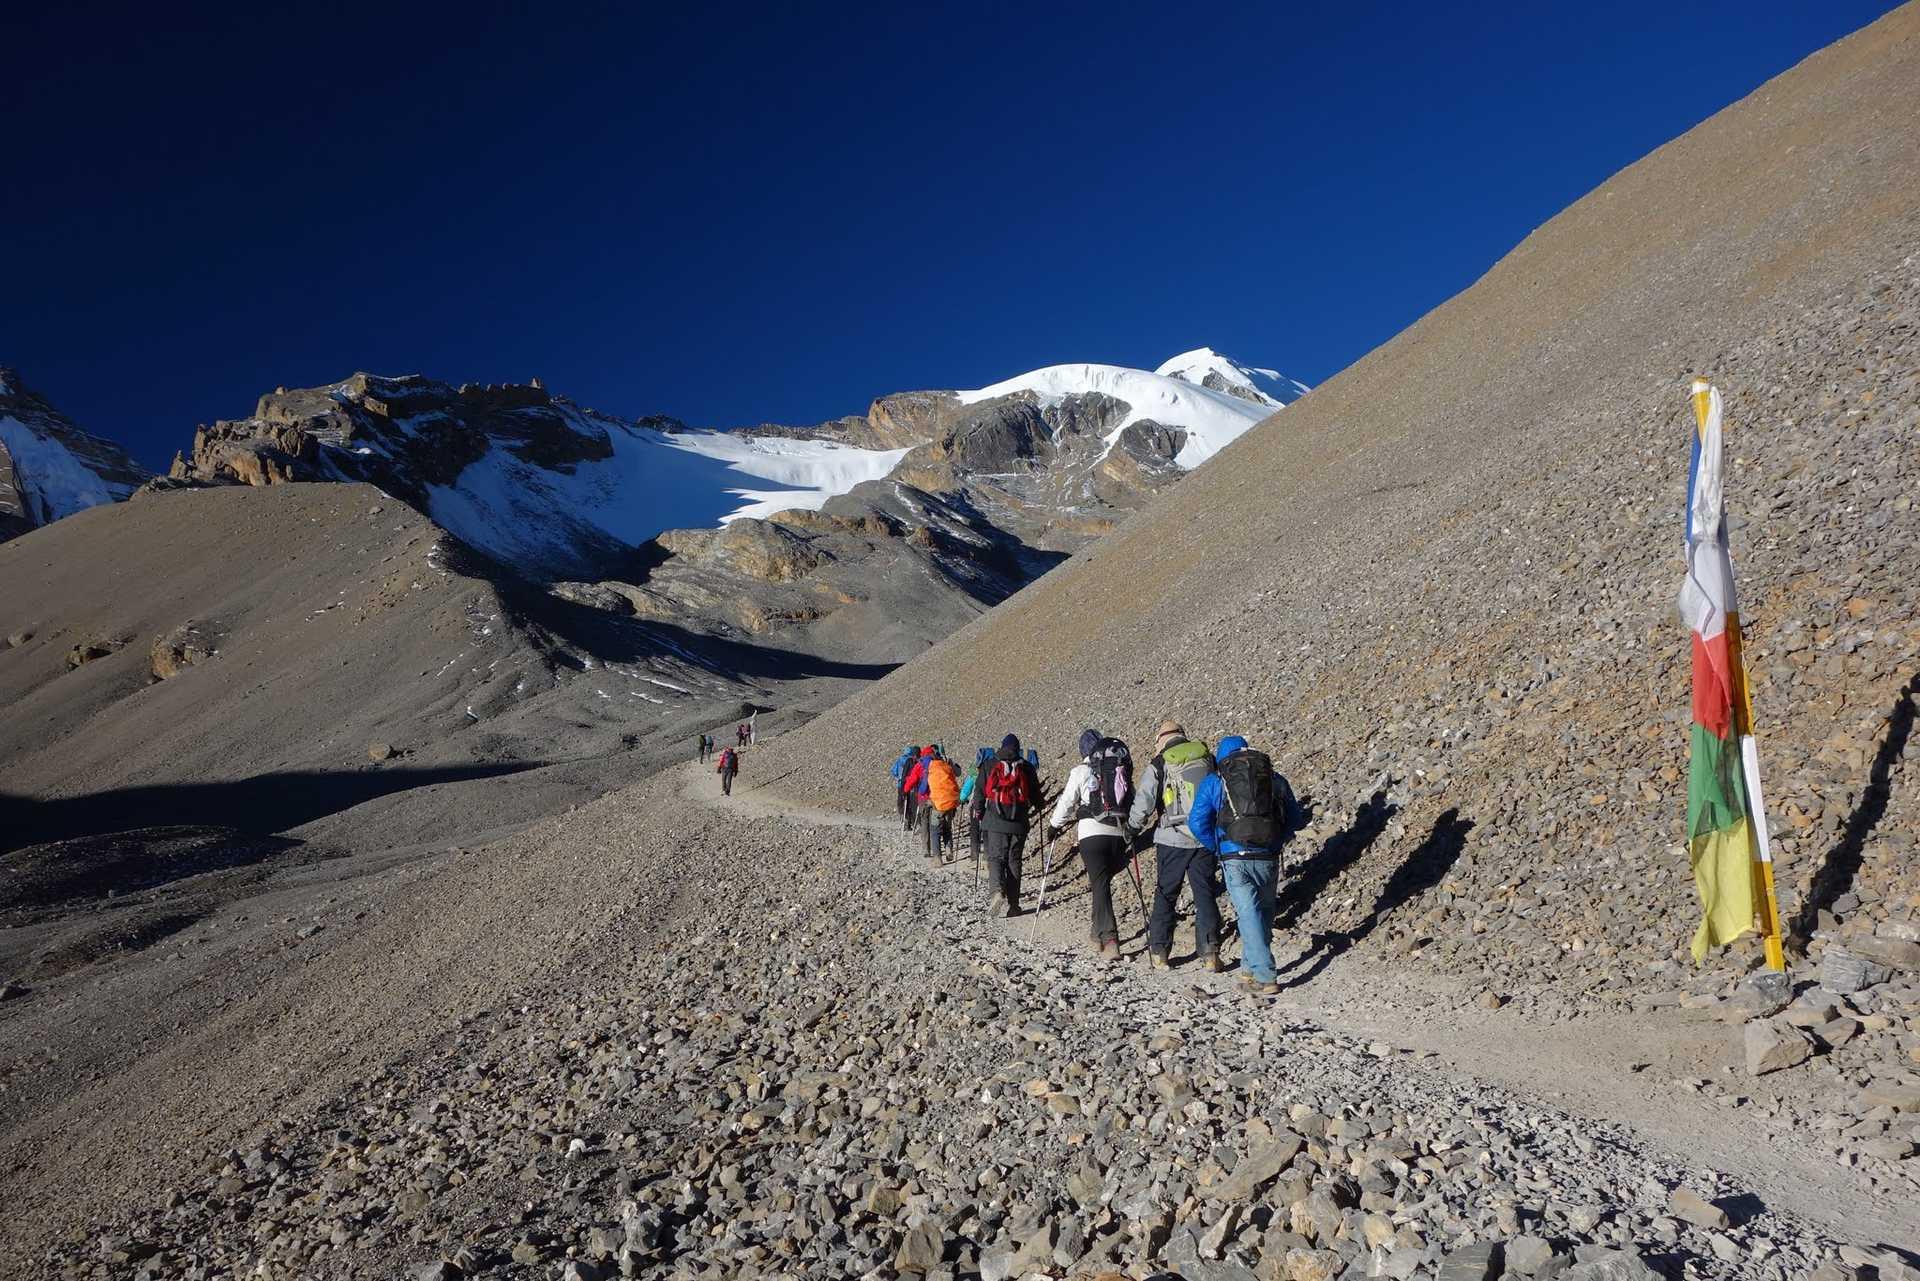 Le col du Thorong La, dans les Annapurnas